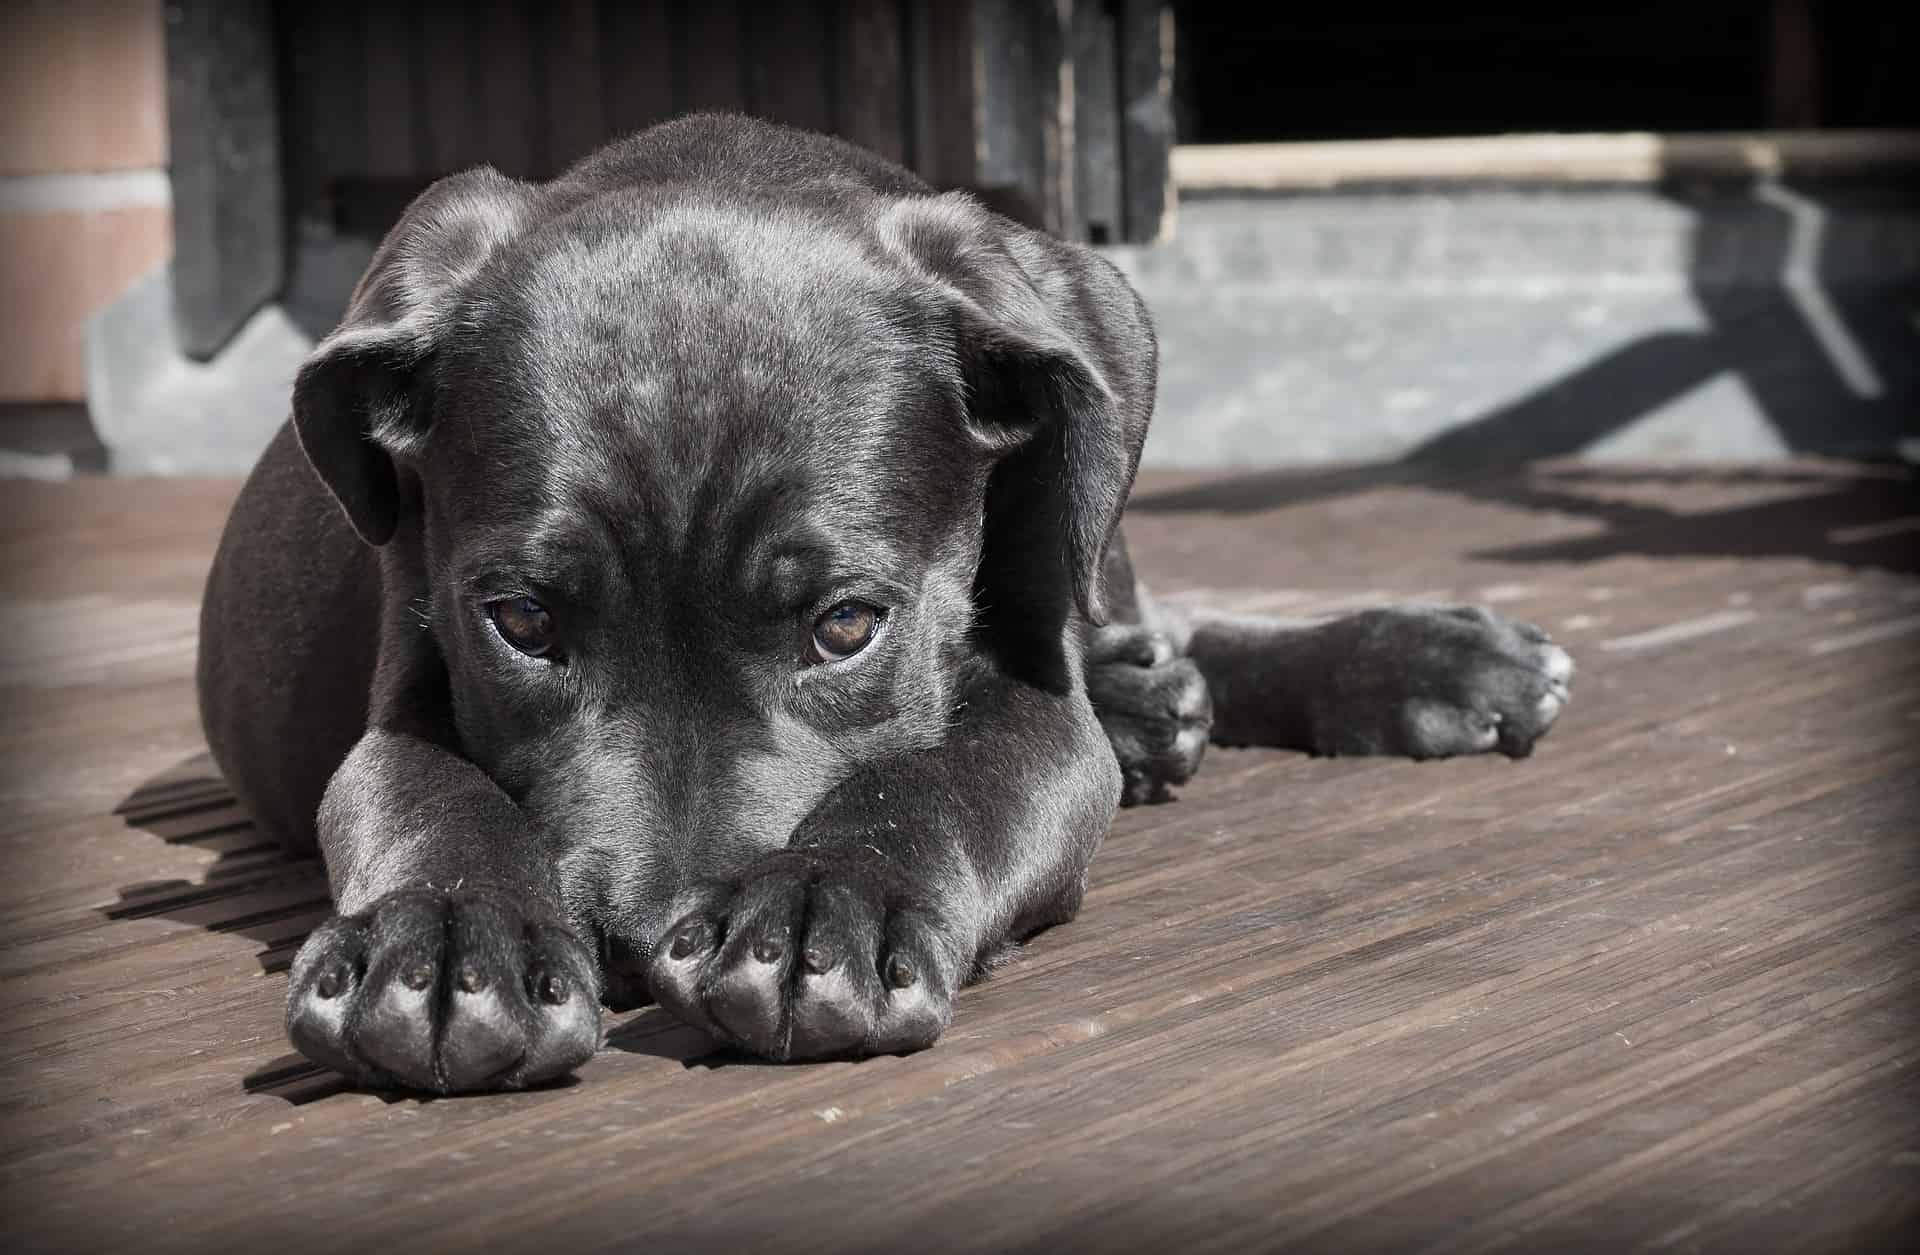 Consejos para la adquisición responsable de una mascota - Veterinarium